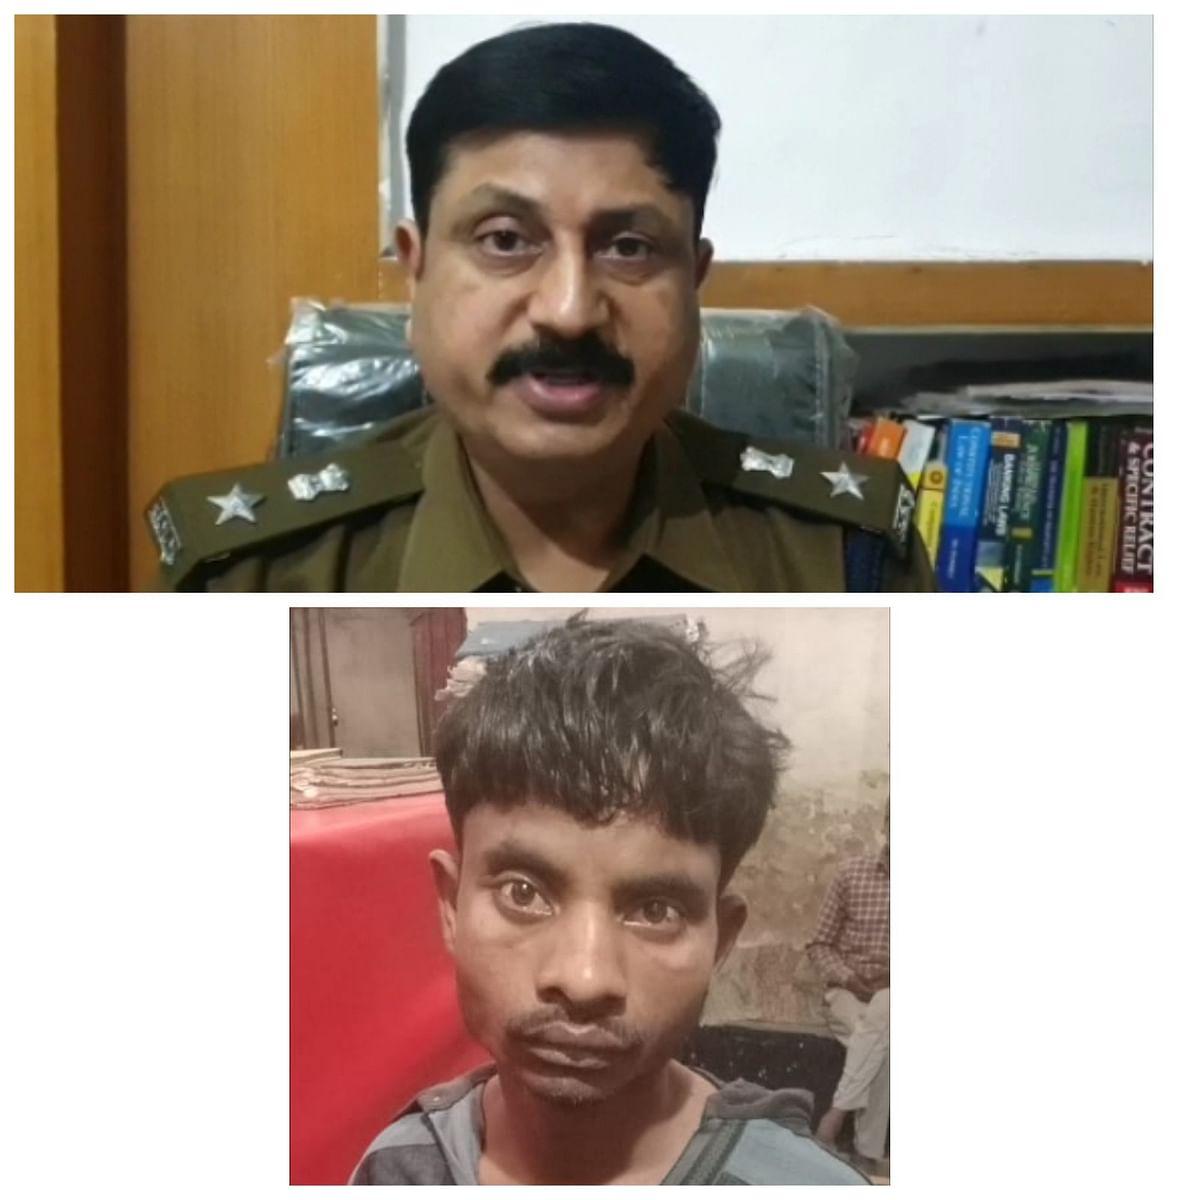 कानपुर में वहशी युवक ने 13 माह के दुधमुंहे बच्चे से किया कुकर्म, पुलिस ने किया गिरफ्तार